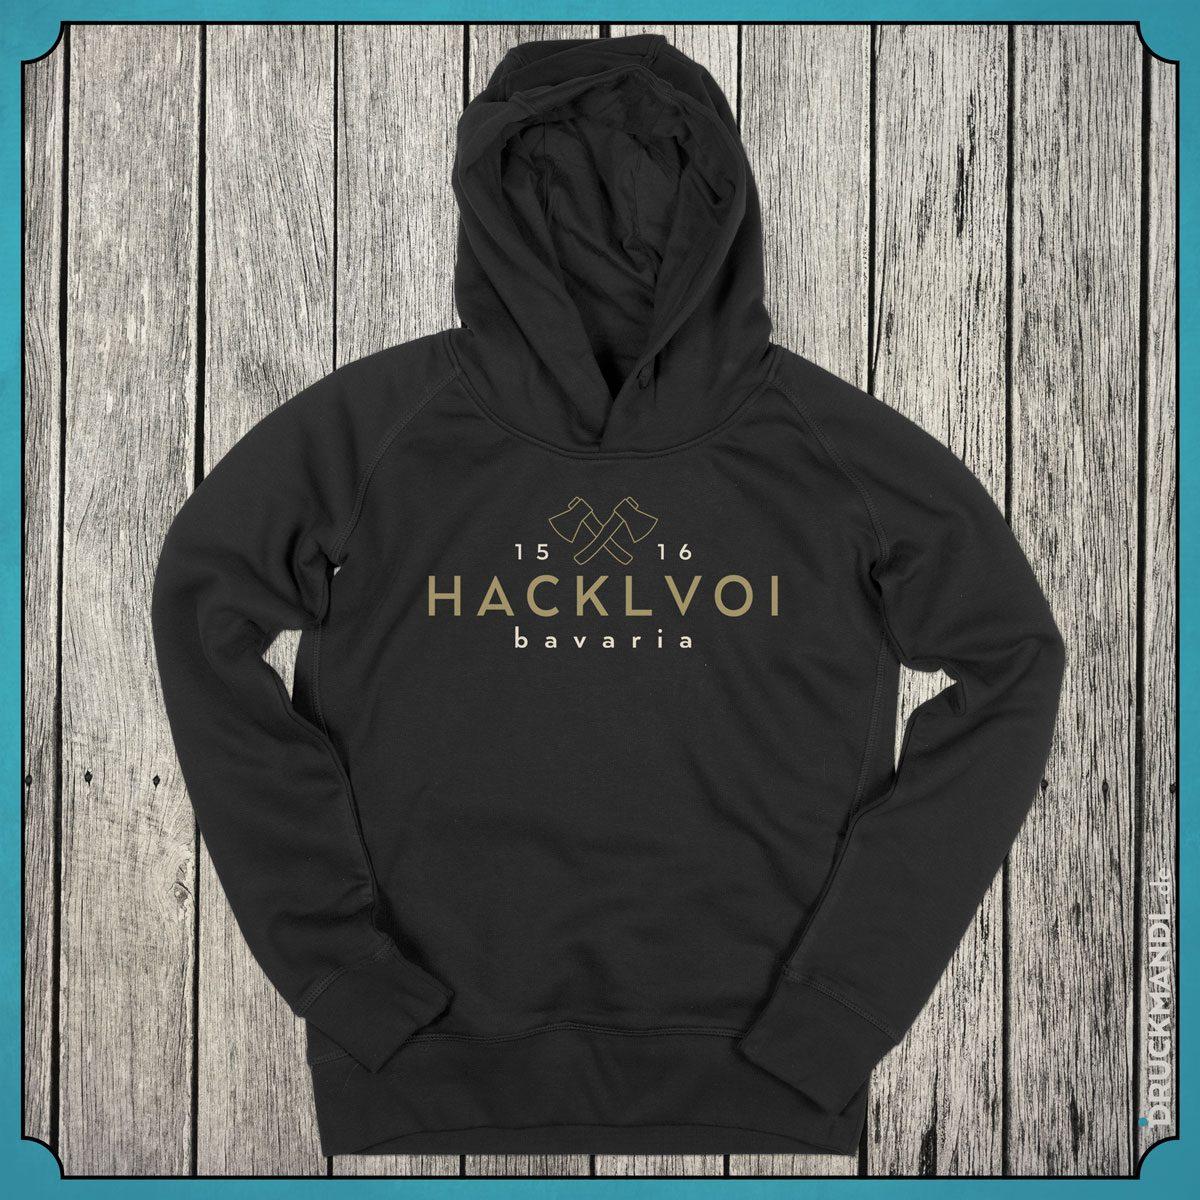 Hoodie Hacklvoi